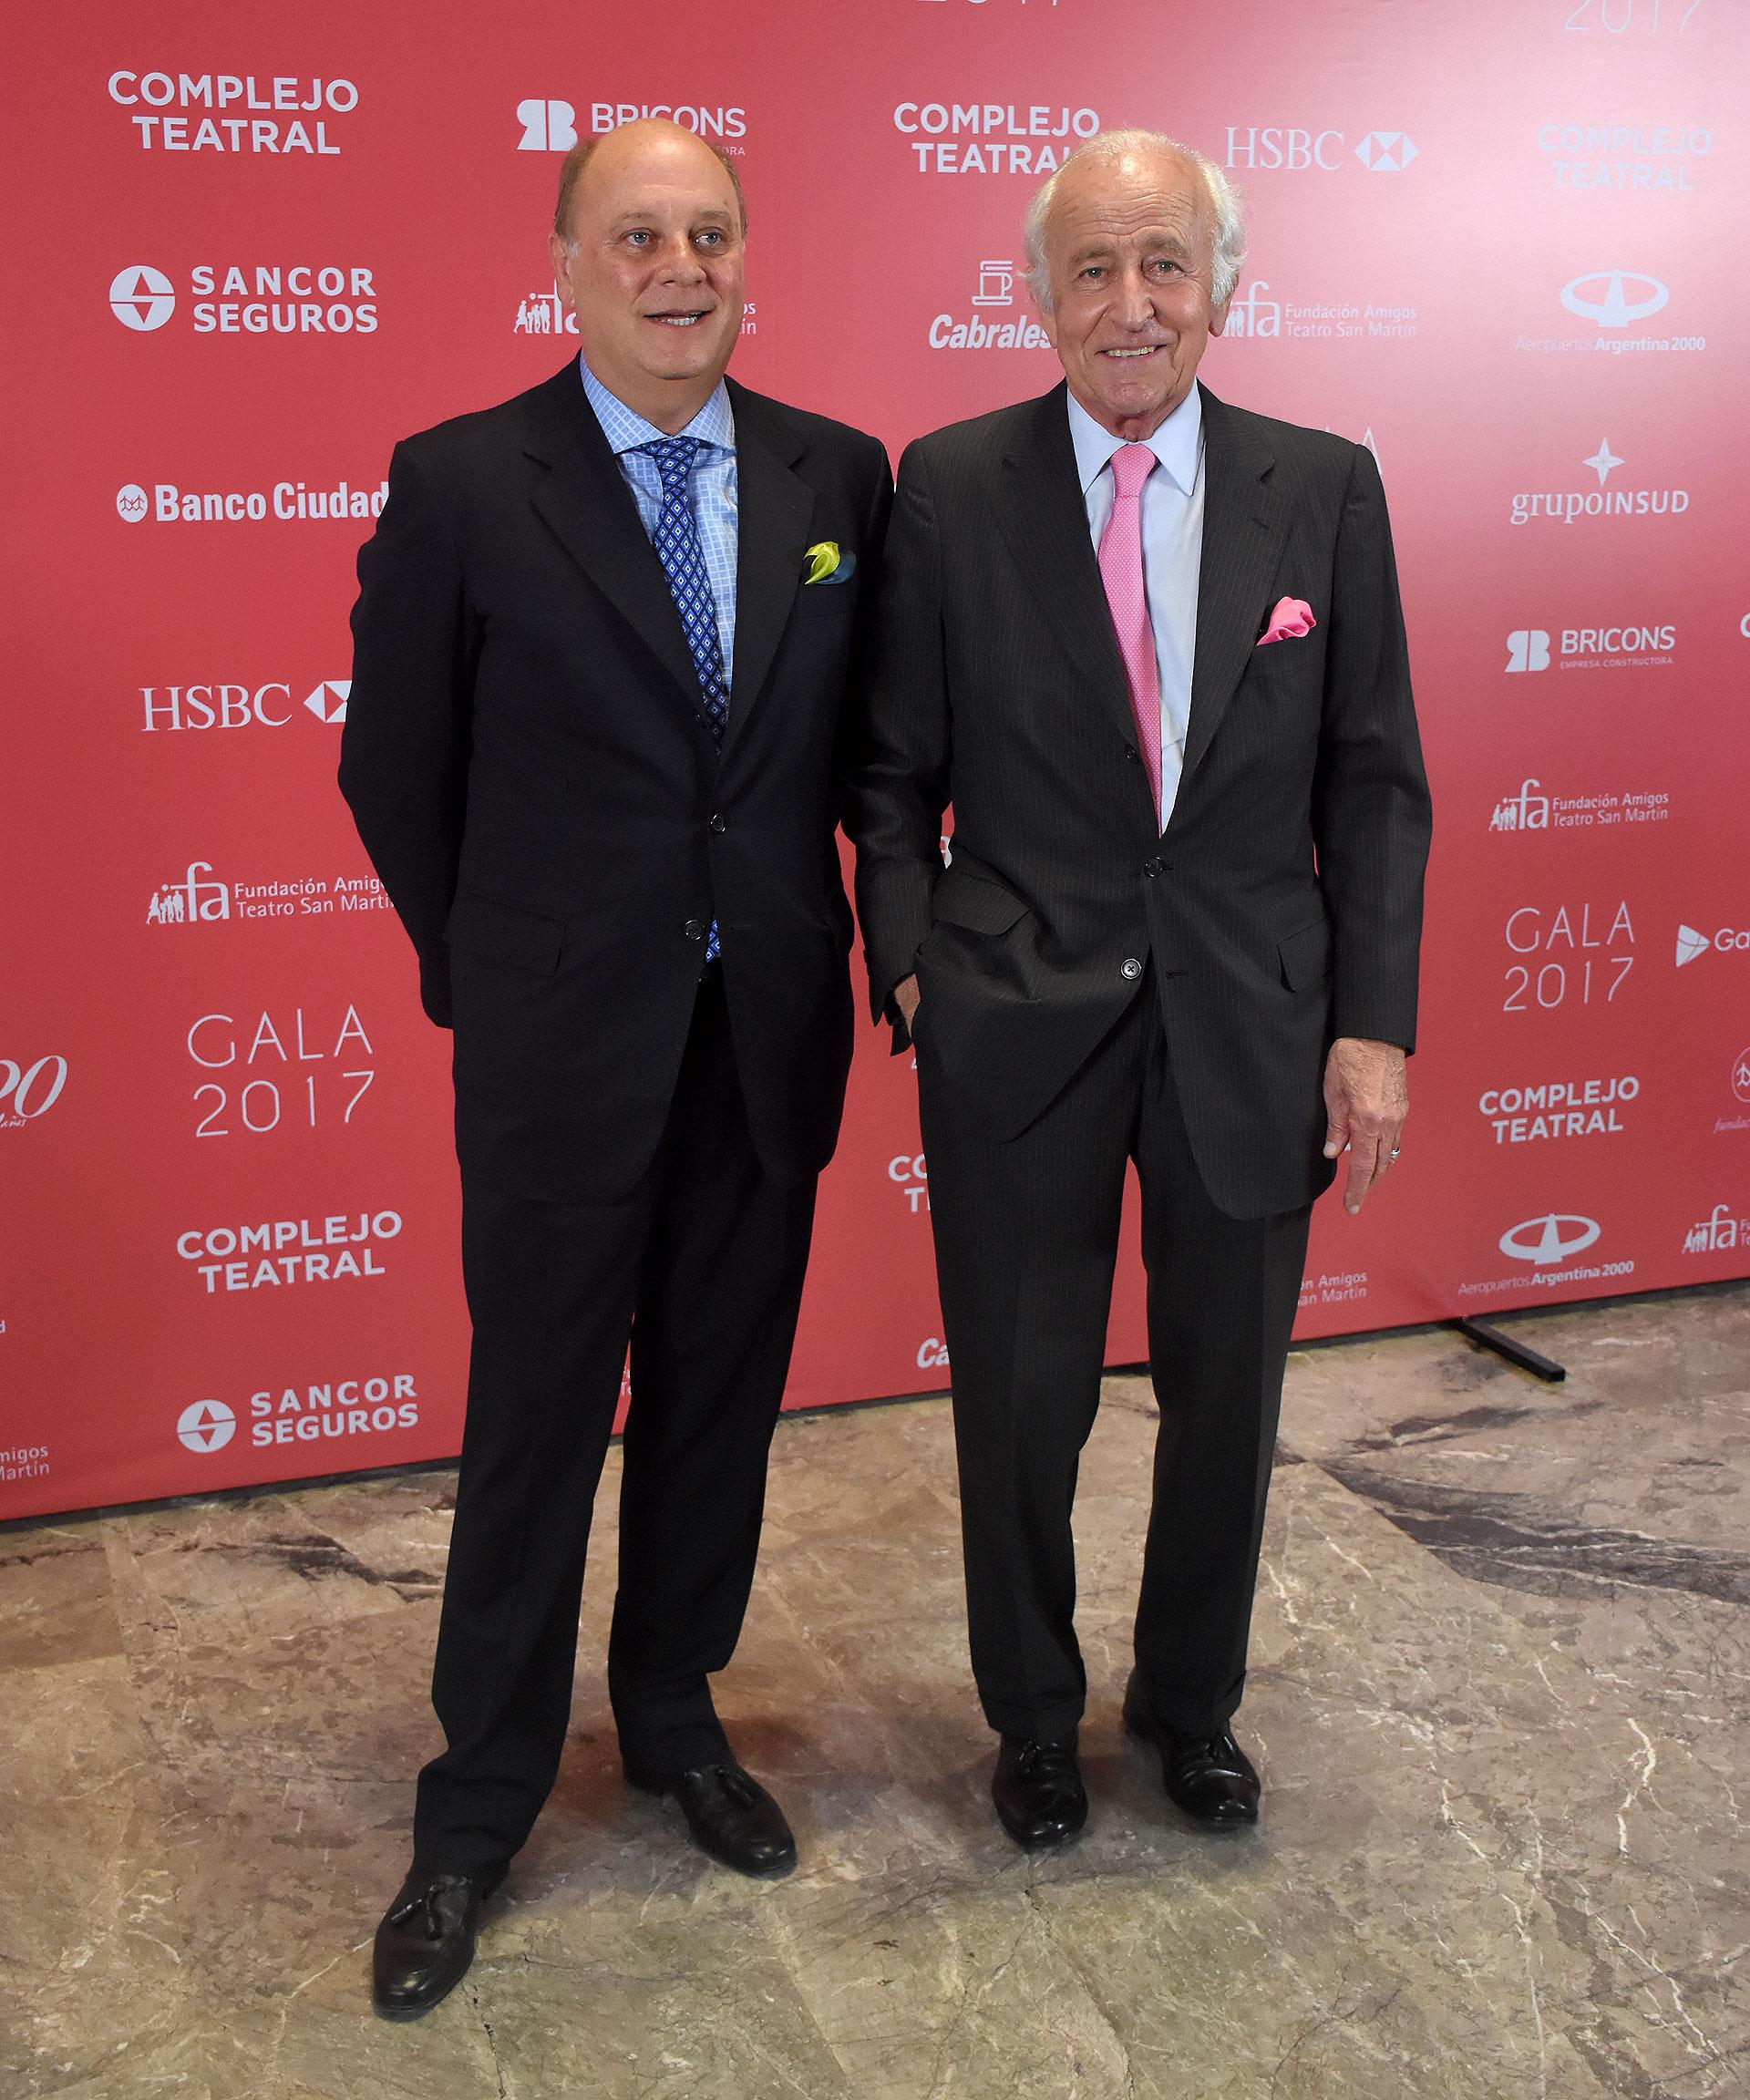 Martín Cabrales y Santiago Soldati